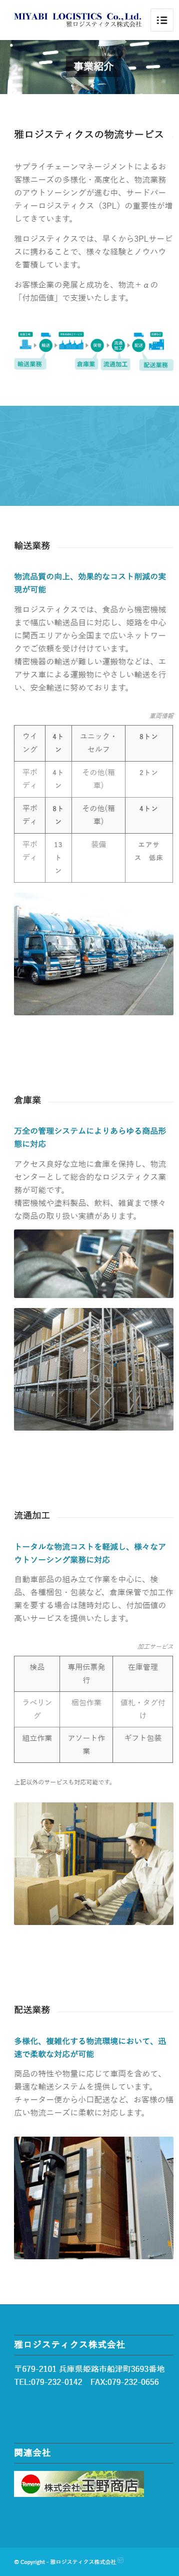 姫路市  雅ロジスティクス株式会社様 ホームページ制作4